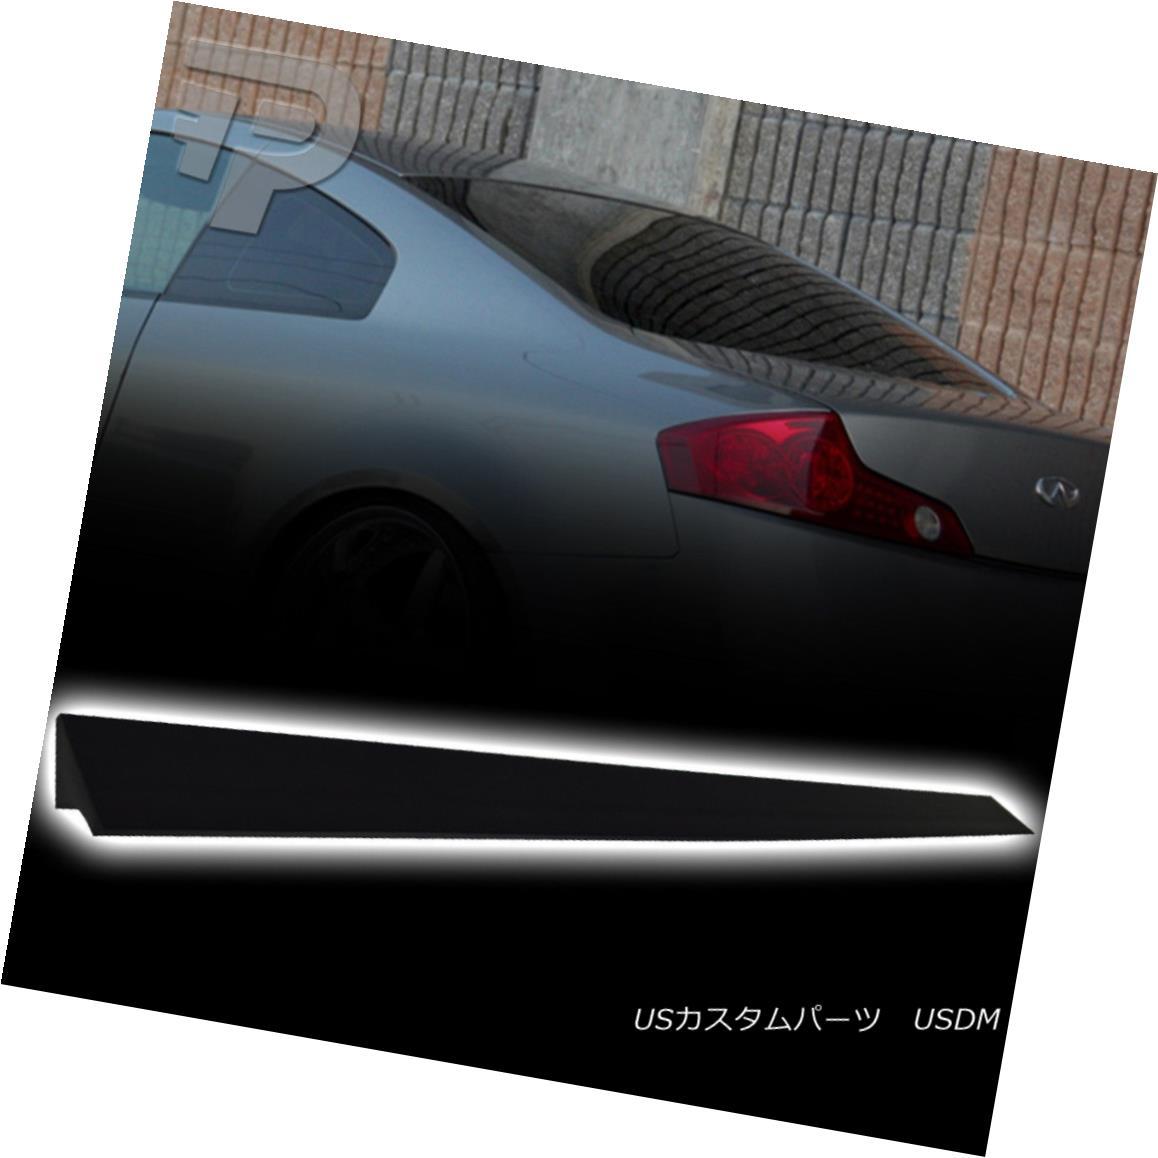 エアロパーツ PUF 2007 Unpainted For Infiniti Rear Window Visor Roof Spoiler G35 G45 V35 Coupe PUF 2007未塗装インフィニティ用リアウィンドウバイザールーフスポイラーG35 G45 V35クーペ